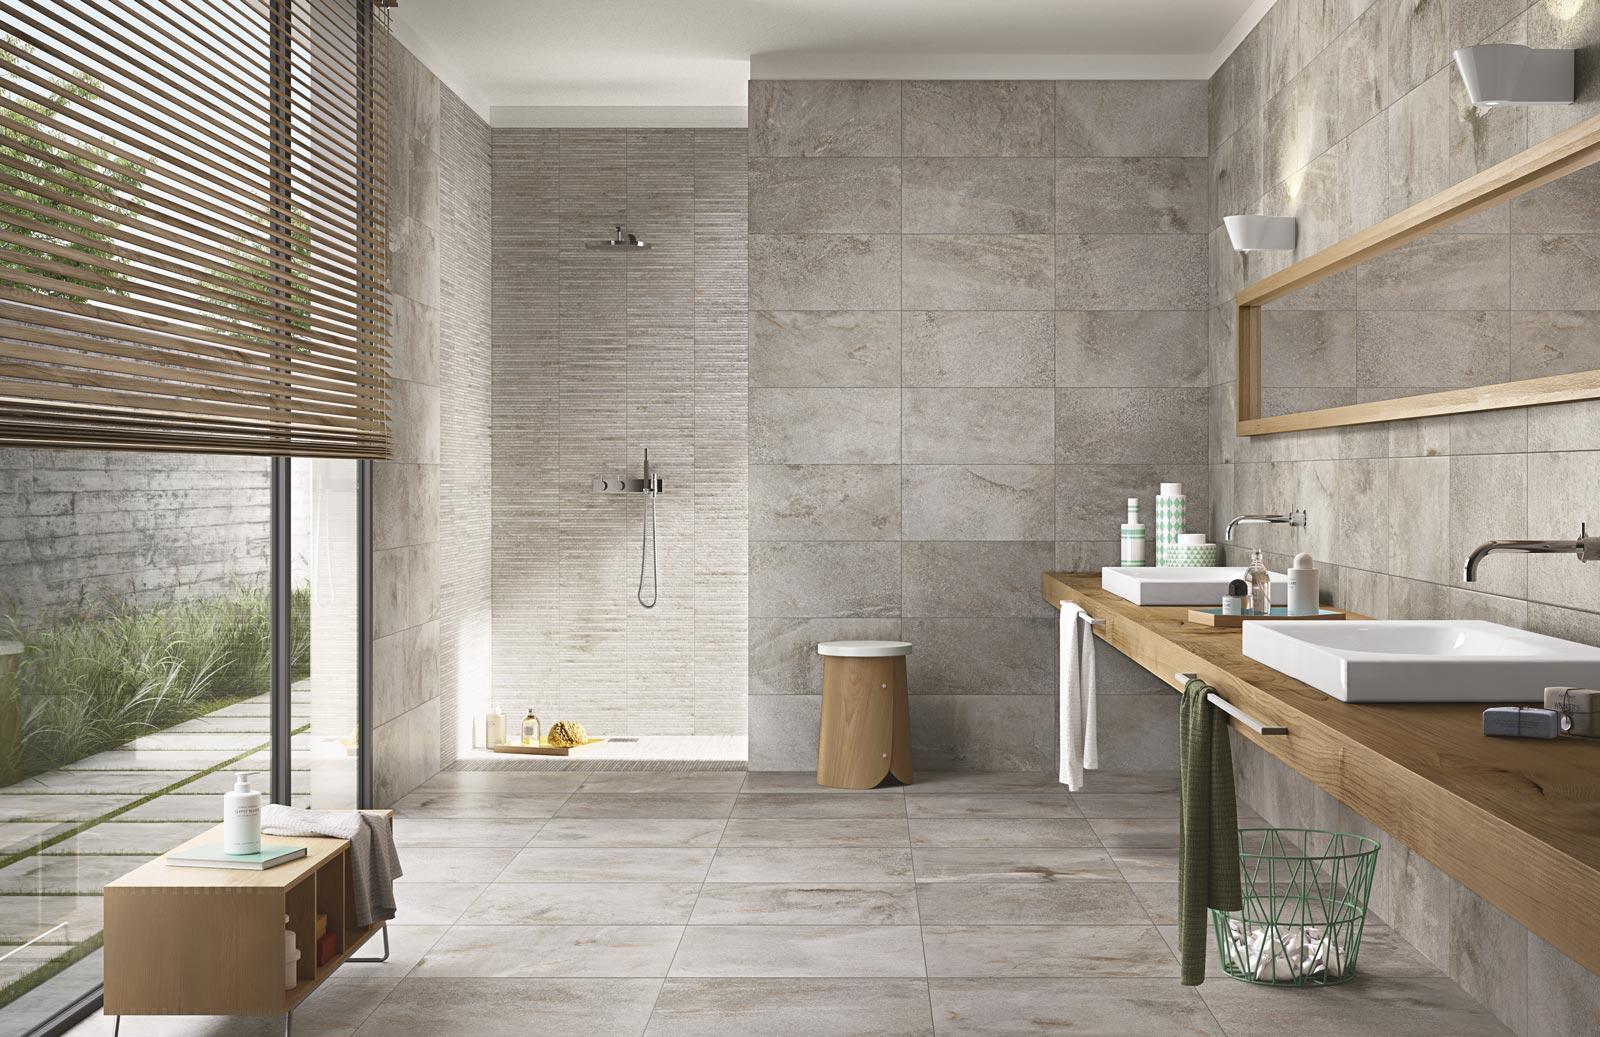 Piastrelle grandi formati per bagno: pavimenti e rivestimenti di